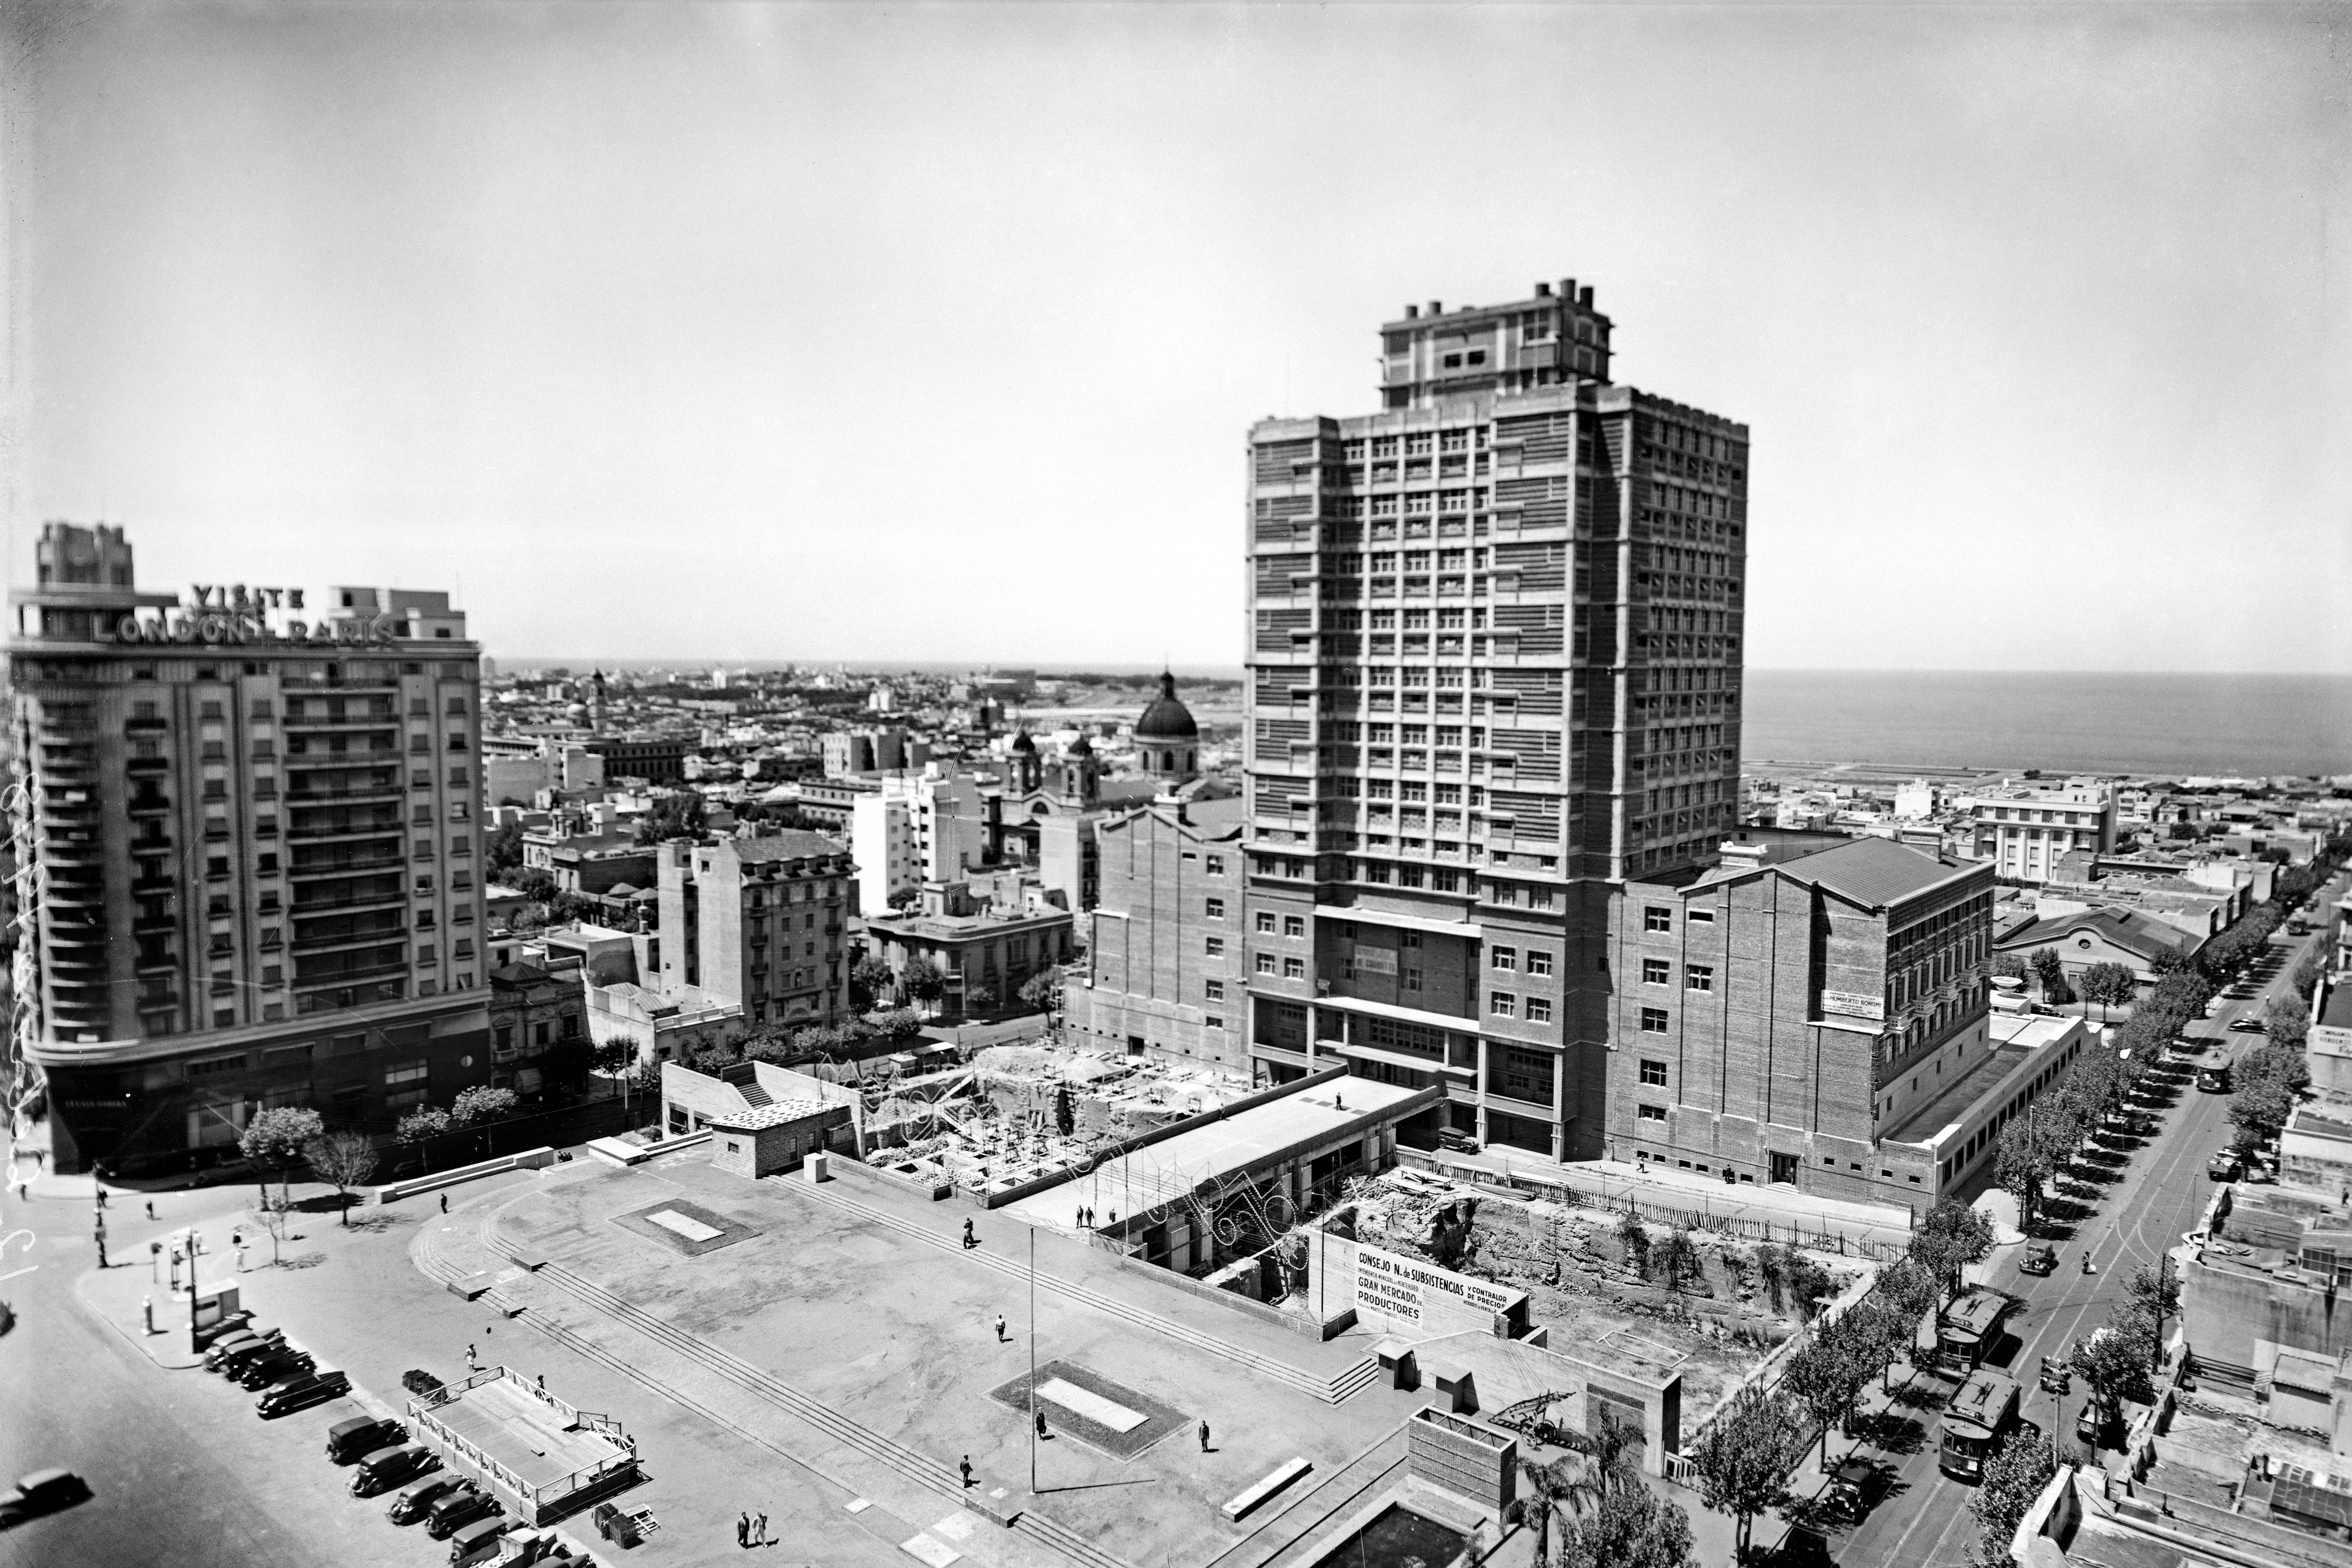 Construcción del atrio del Palacio Municipal. A la izquierda: avenida 18 de Julio. A la derecha: calle Ejido. Barrio Centro. Año 1947